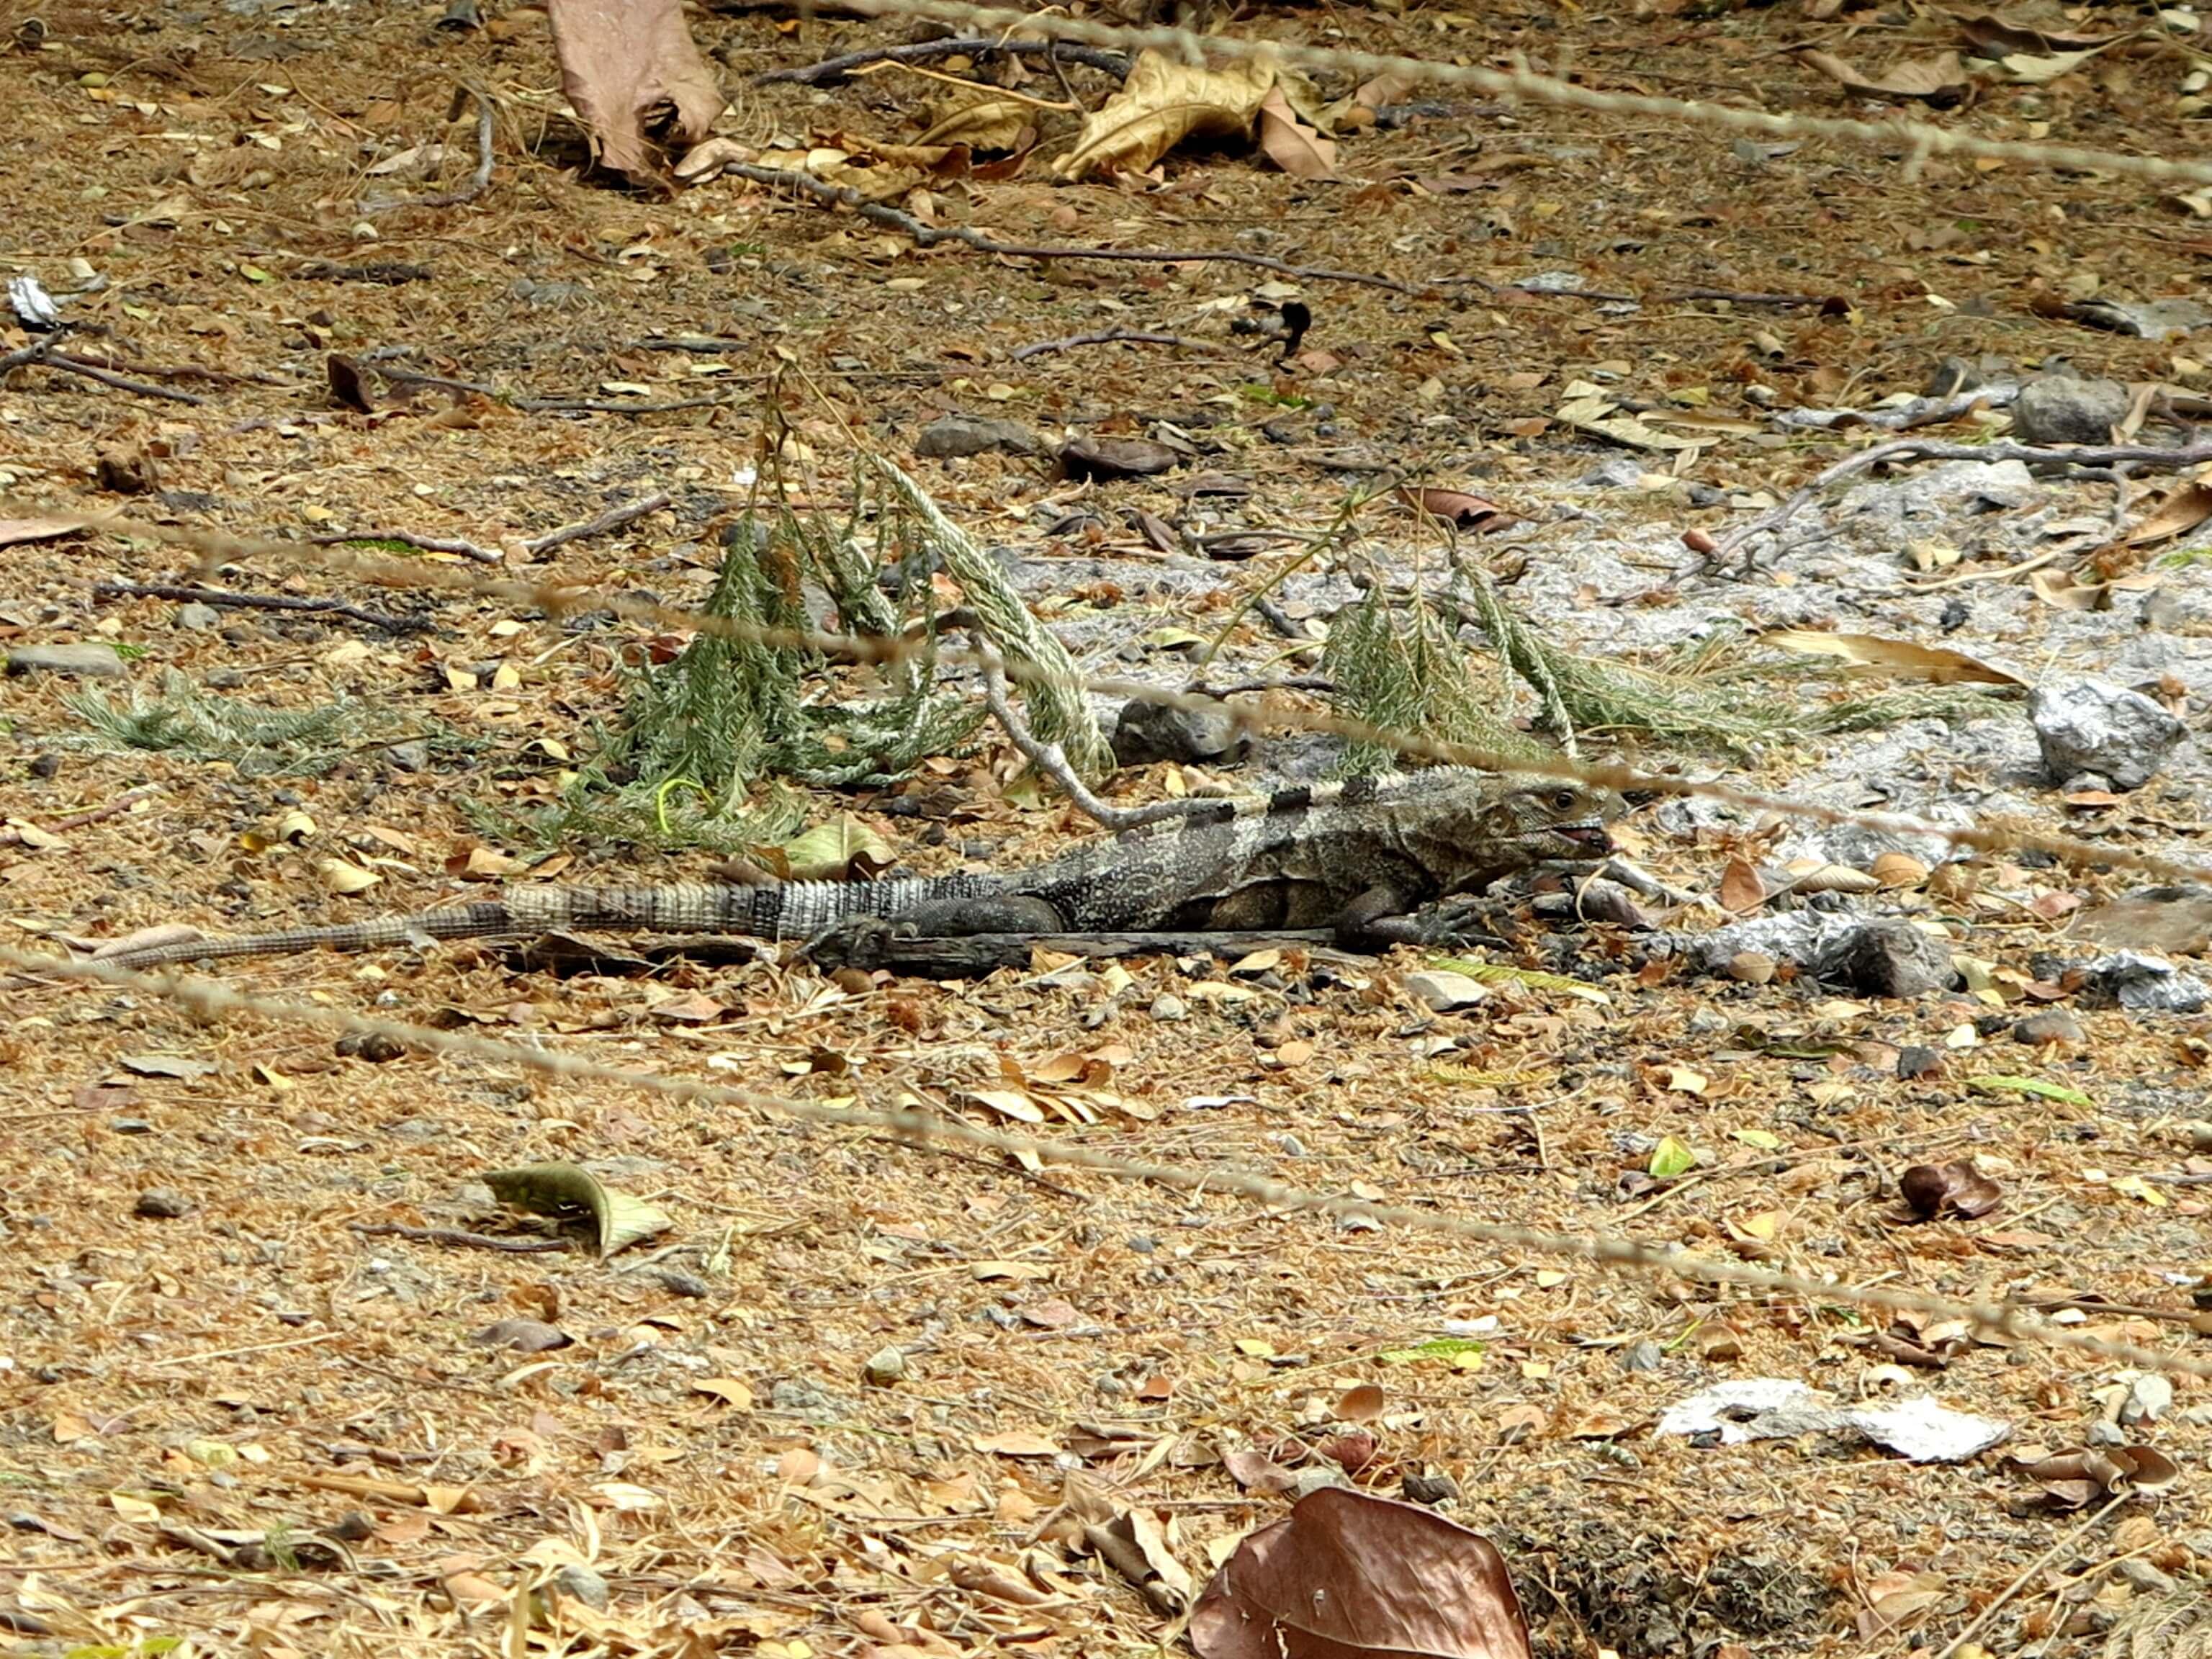 Die Leguane hatten zum Glück mehr Angst vor uns